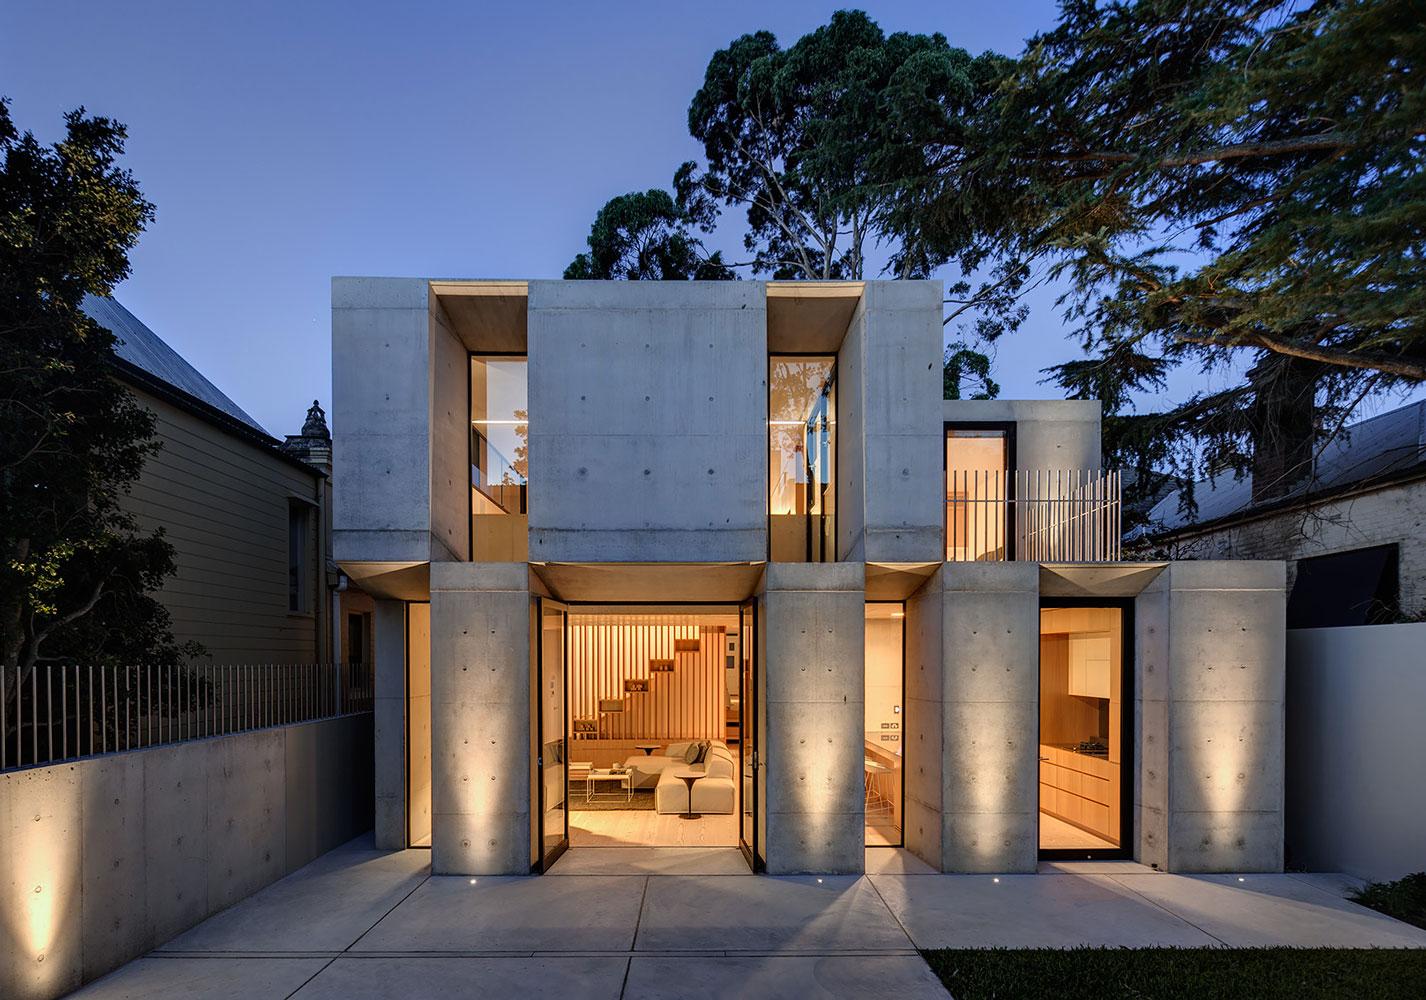 glebe_house-nobbs_radford_architects-21.jpg